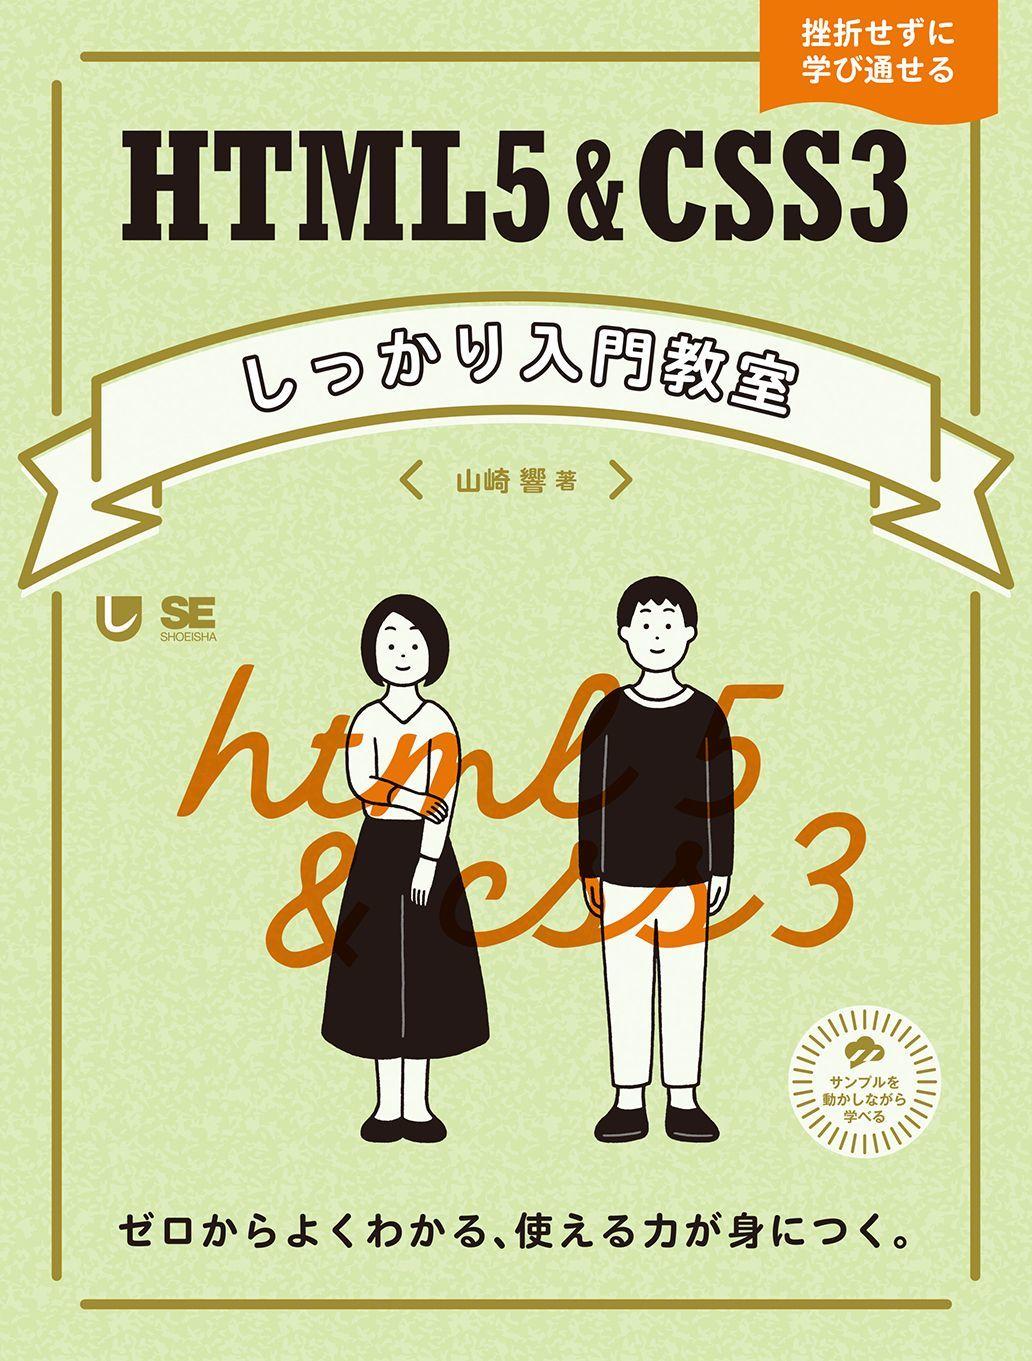 HTML5&CSS3しっかり入門教室(翔泳社)